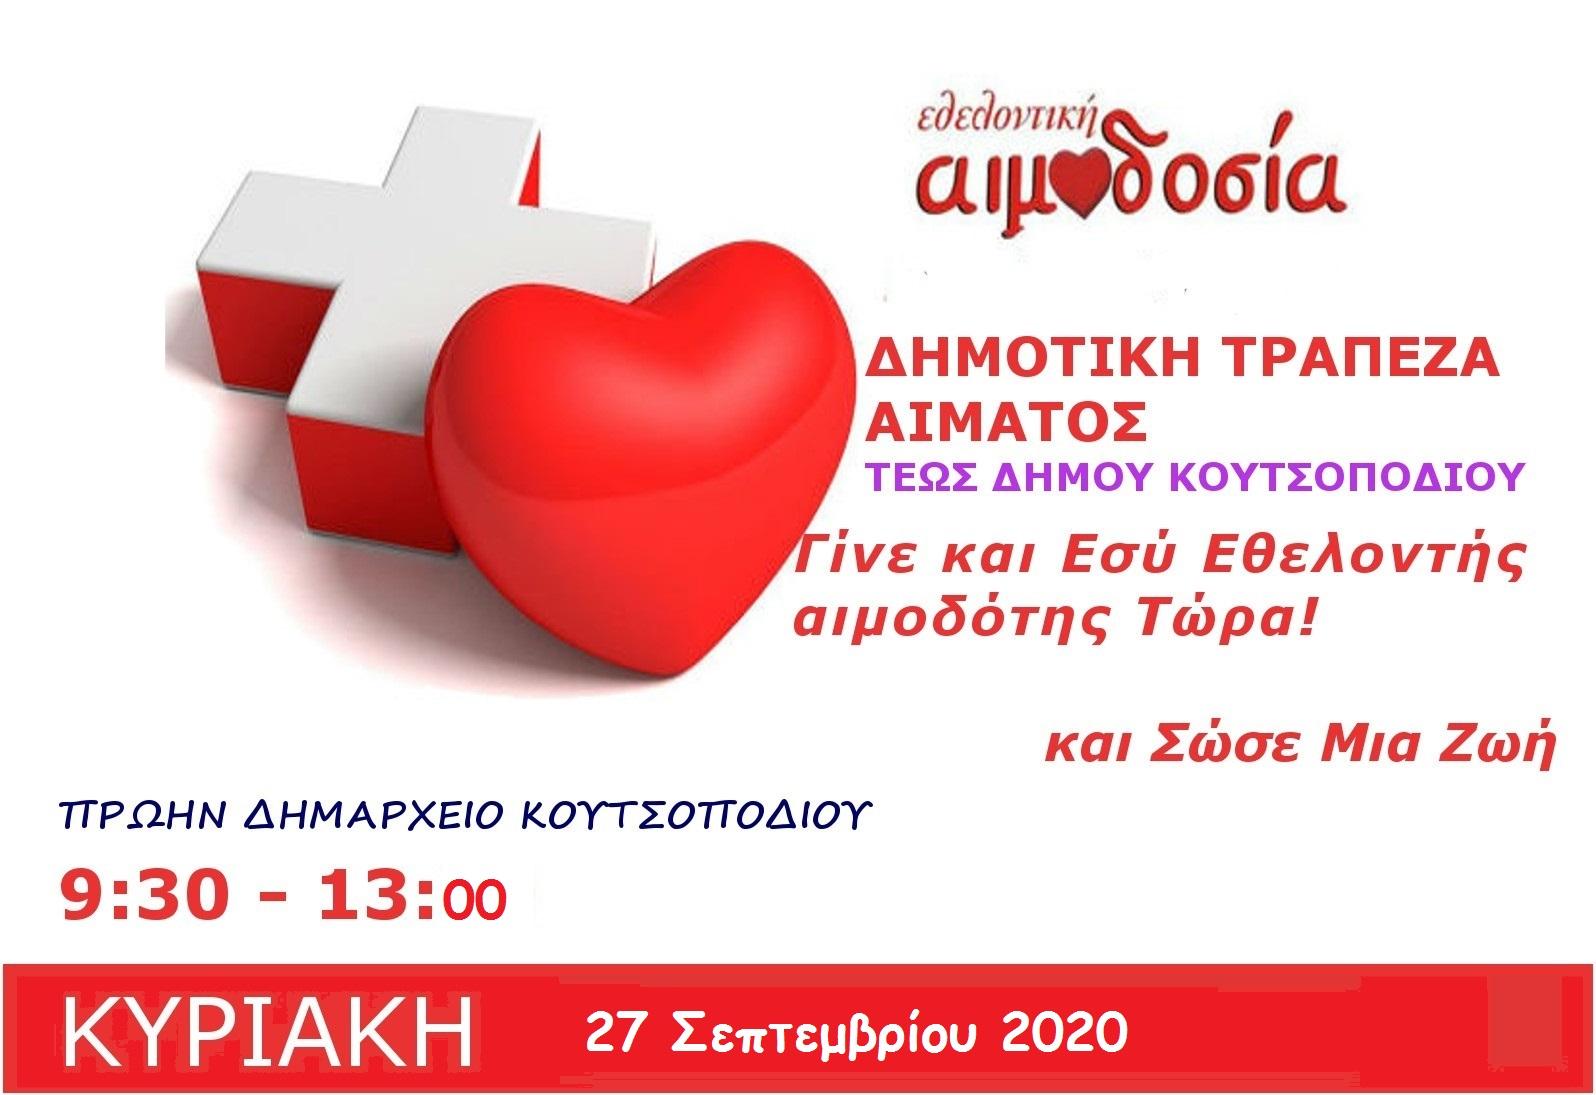 Εθελοντική αιμοδοσία στο Κουτσοπόδι Άργους